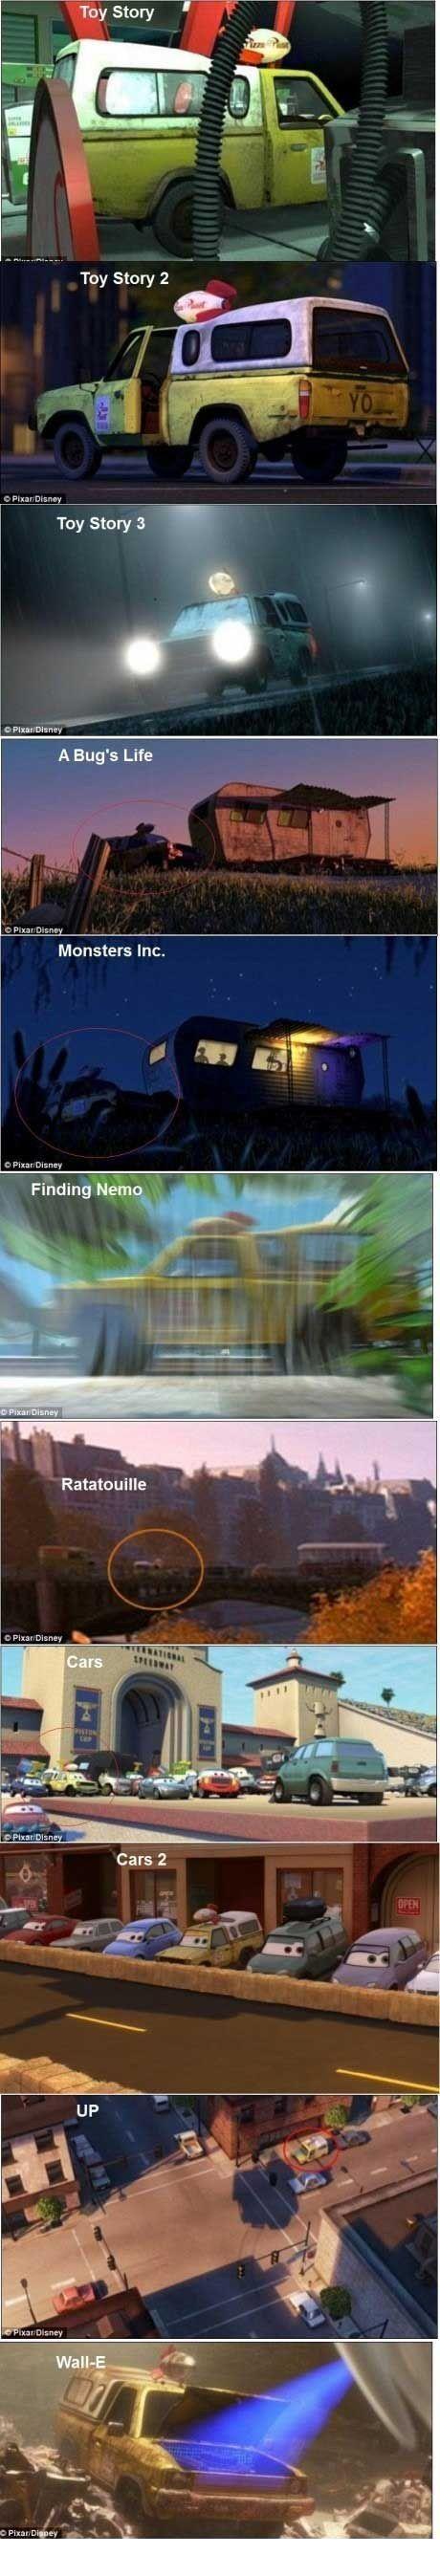 Cuando Pixar discretamente puso la misma camioneta vieja en cada una de sus películas: | Las 26 cosas más astutas que alguna vez han sucedido